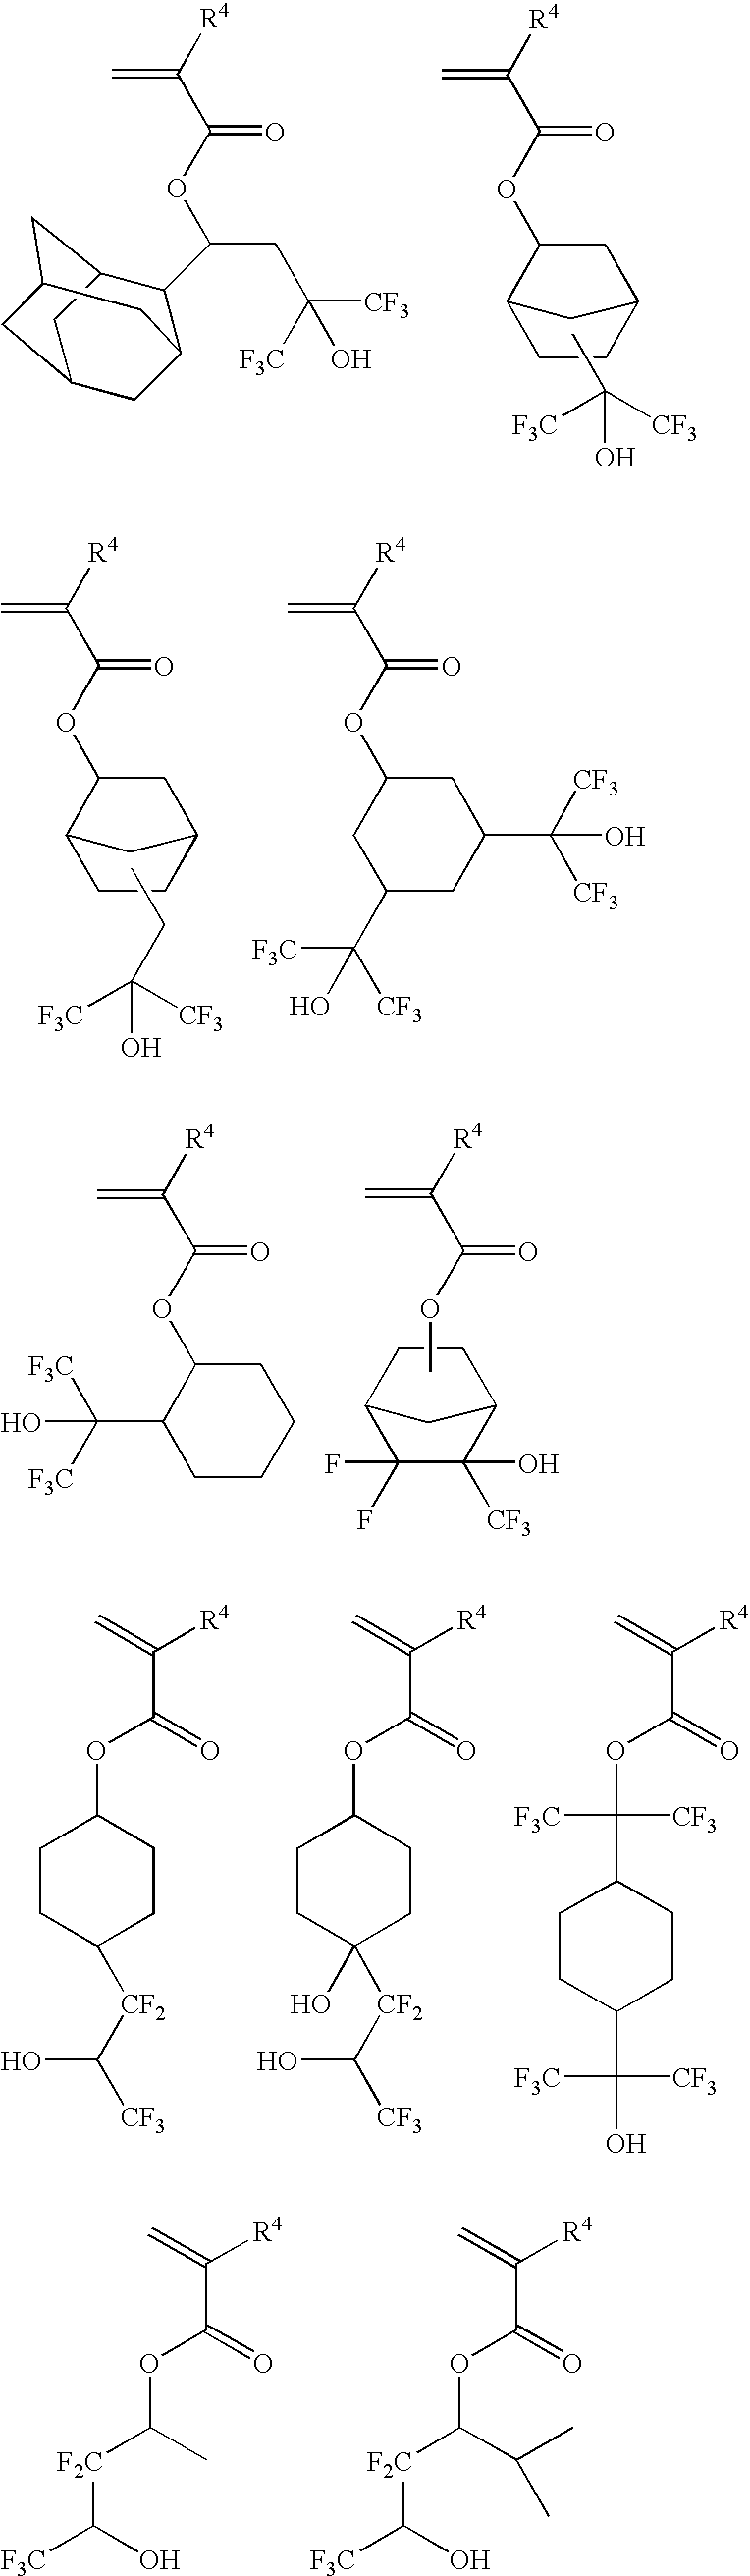 Figure US20090011365A1-20090108-C00013